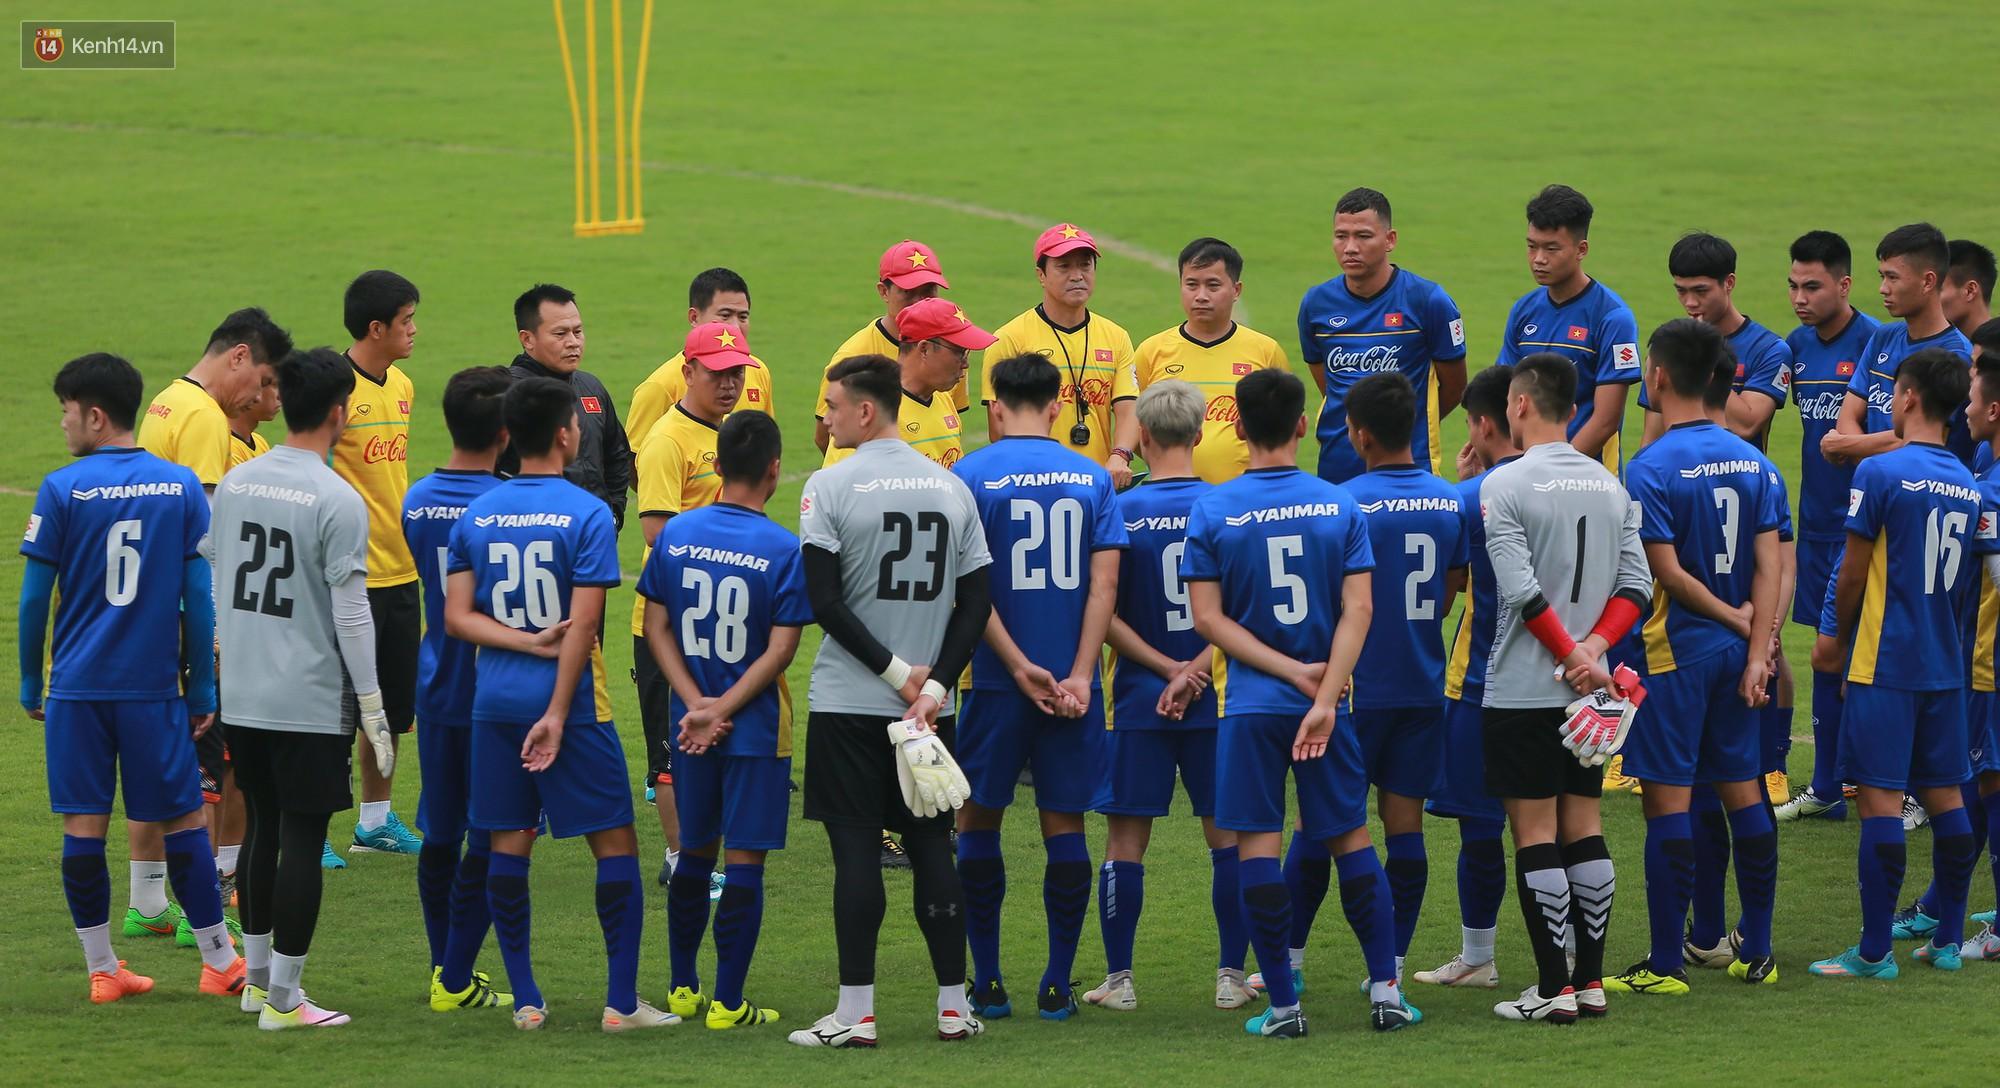 Nỗ lực của Hoàng thượng U23 Việt Nam khiến Bùi Tiến Dũng ngạc nhiên - Ảnh 1.